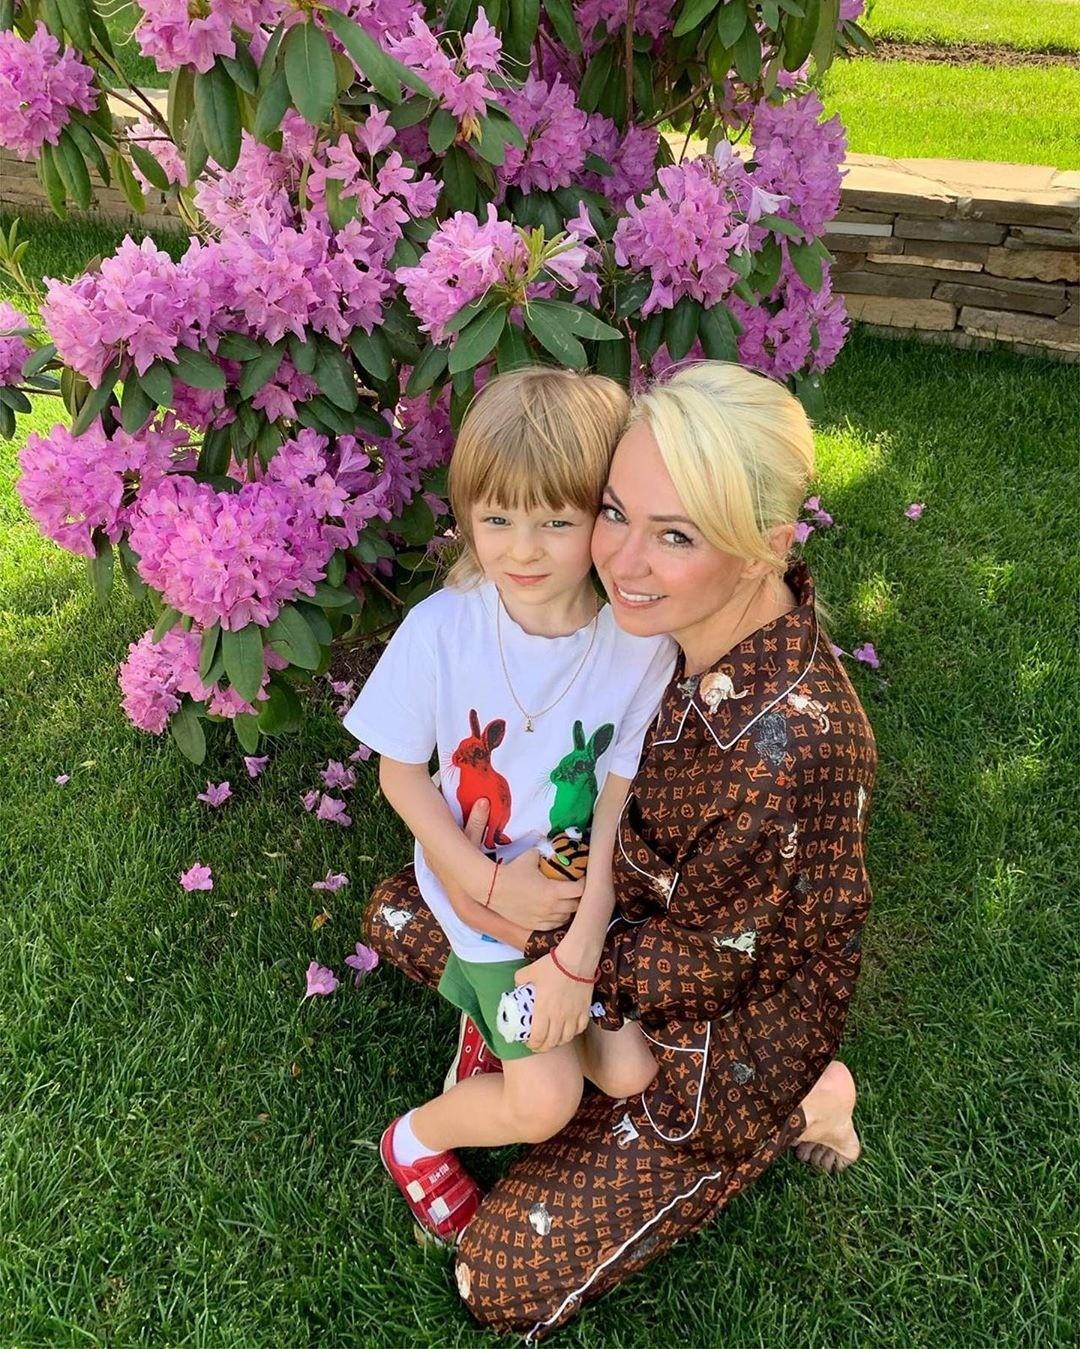 Яна Рудковская втянула сына в свой конфликт с подписчиками